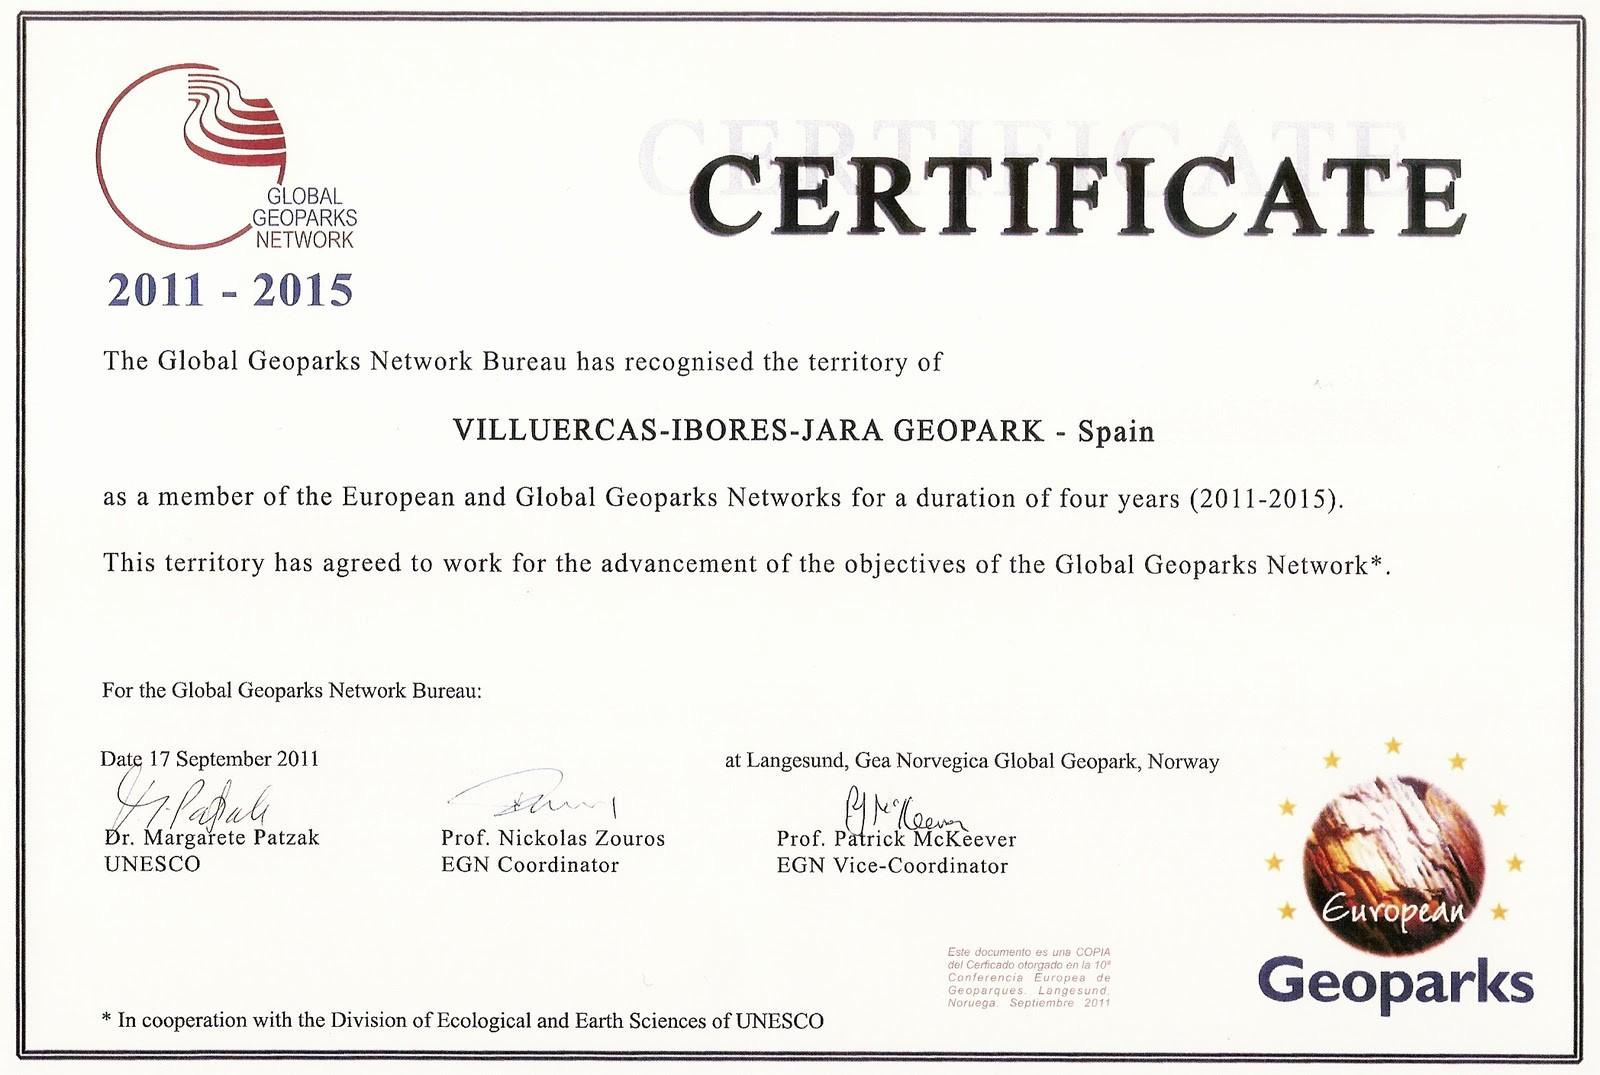 Ejemplo De Certificado De Reconocimiento Fresh Modelos De Certificados De Reconocimiento to Pin